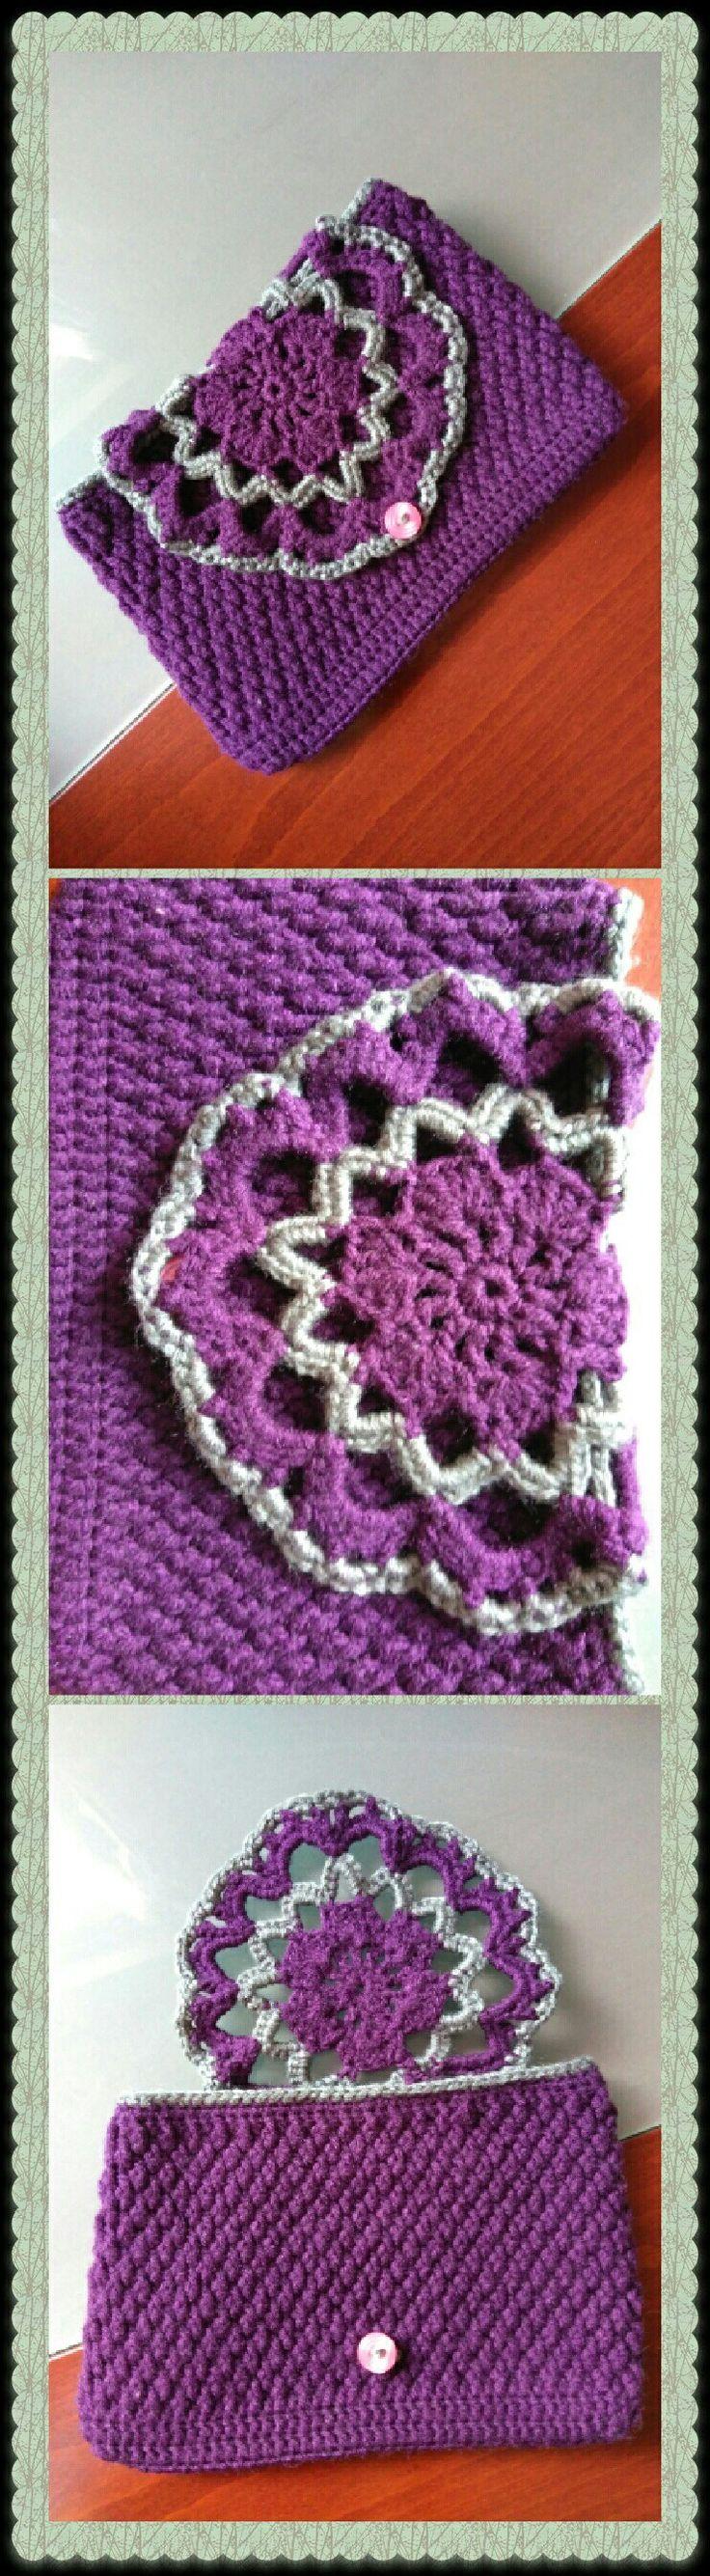 Θήκη tablet 7' μωβ γκρι #crochet #handmade #creations #hook #purple #gray #case #tabletcase #mywork #metaxerakiamou #neraidodhmiourgies